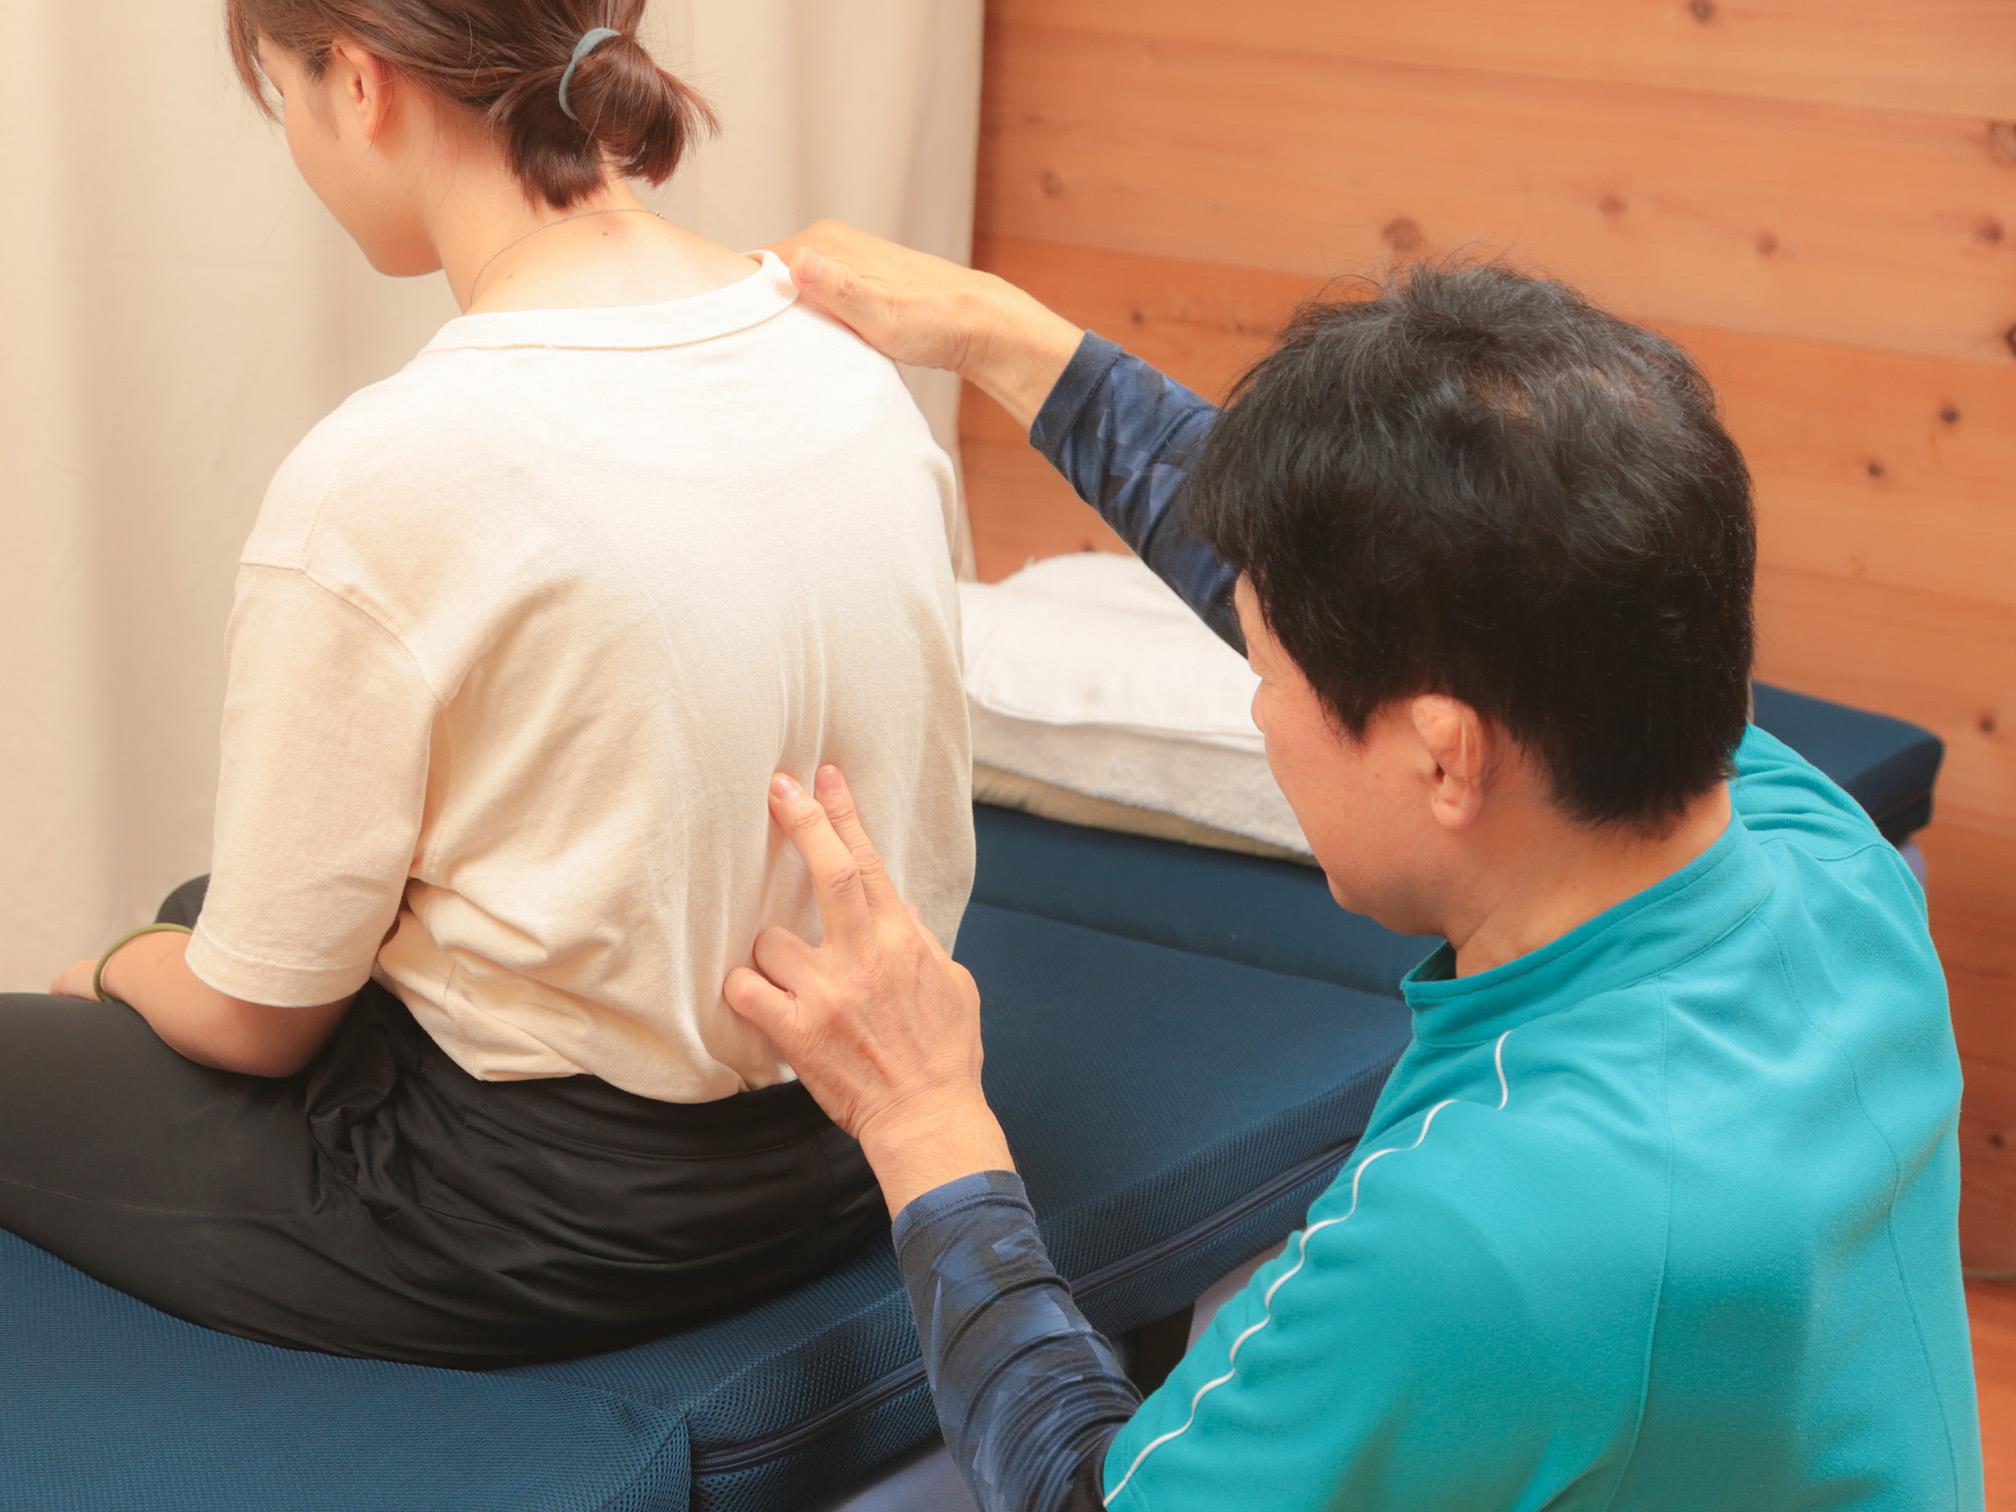 最後に症状の改善と背骨の状態を確認します